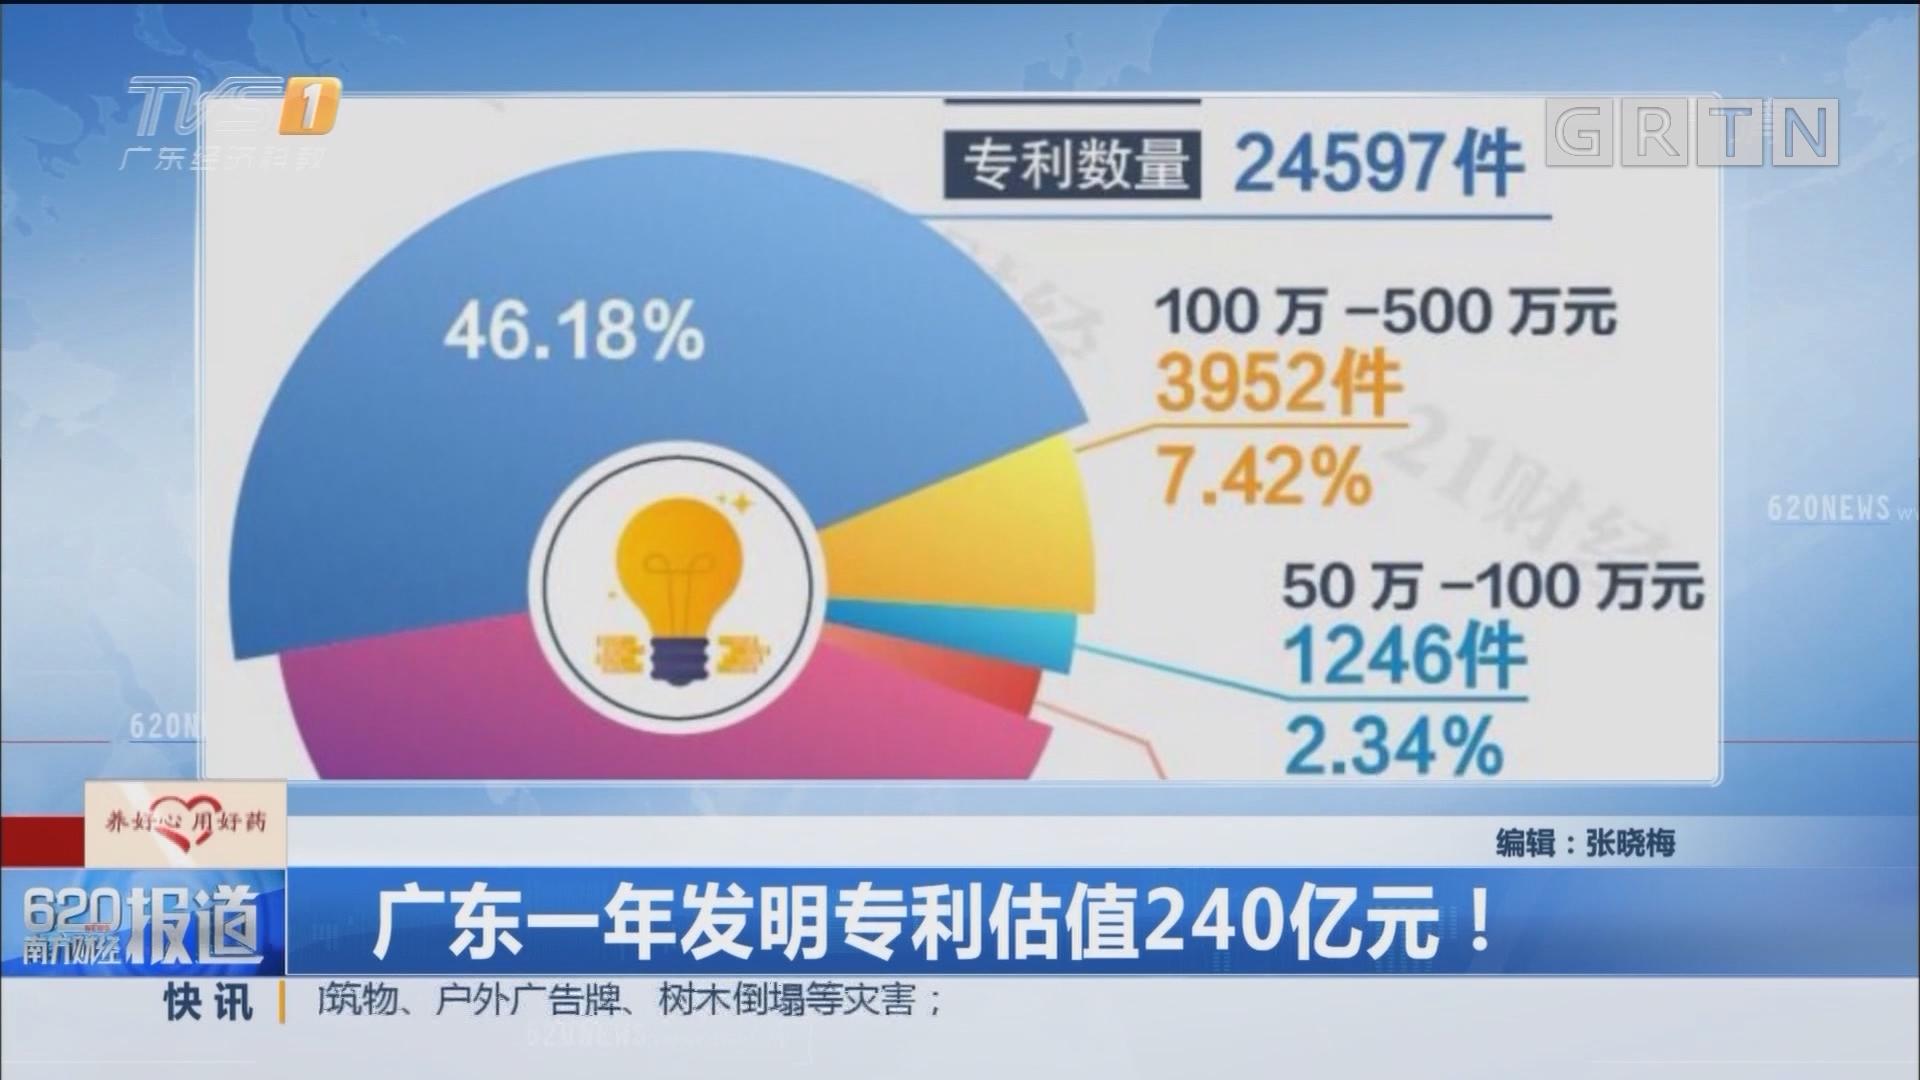 广东一年发明专利估值240亿元!